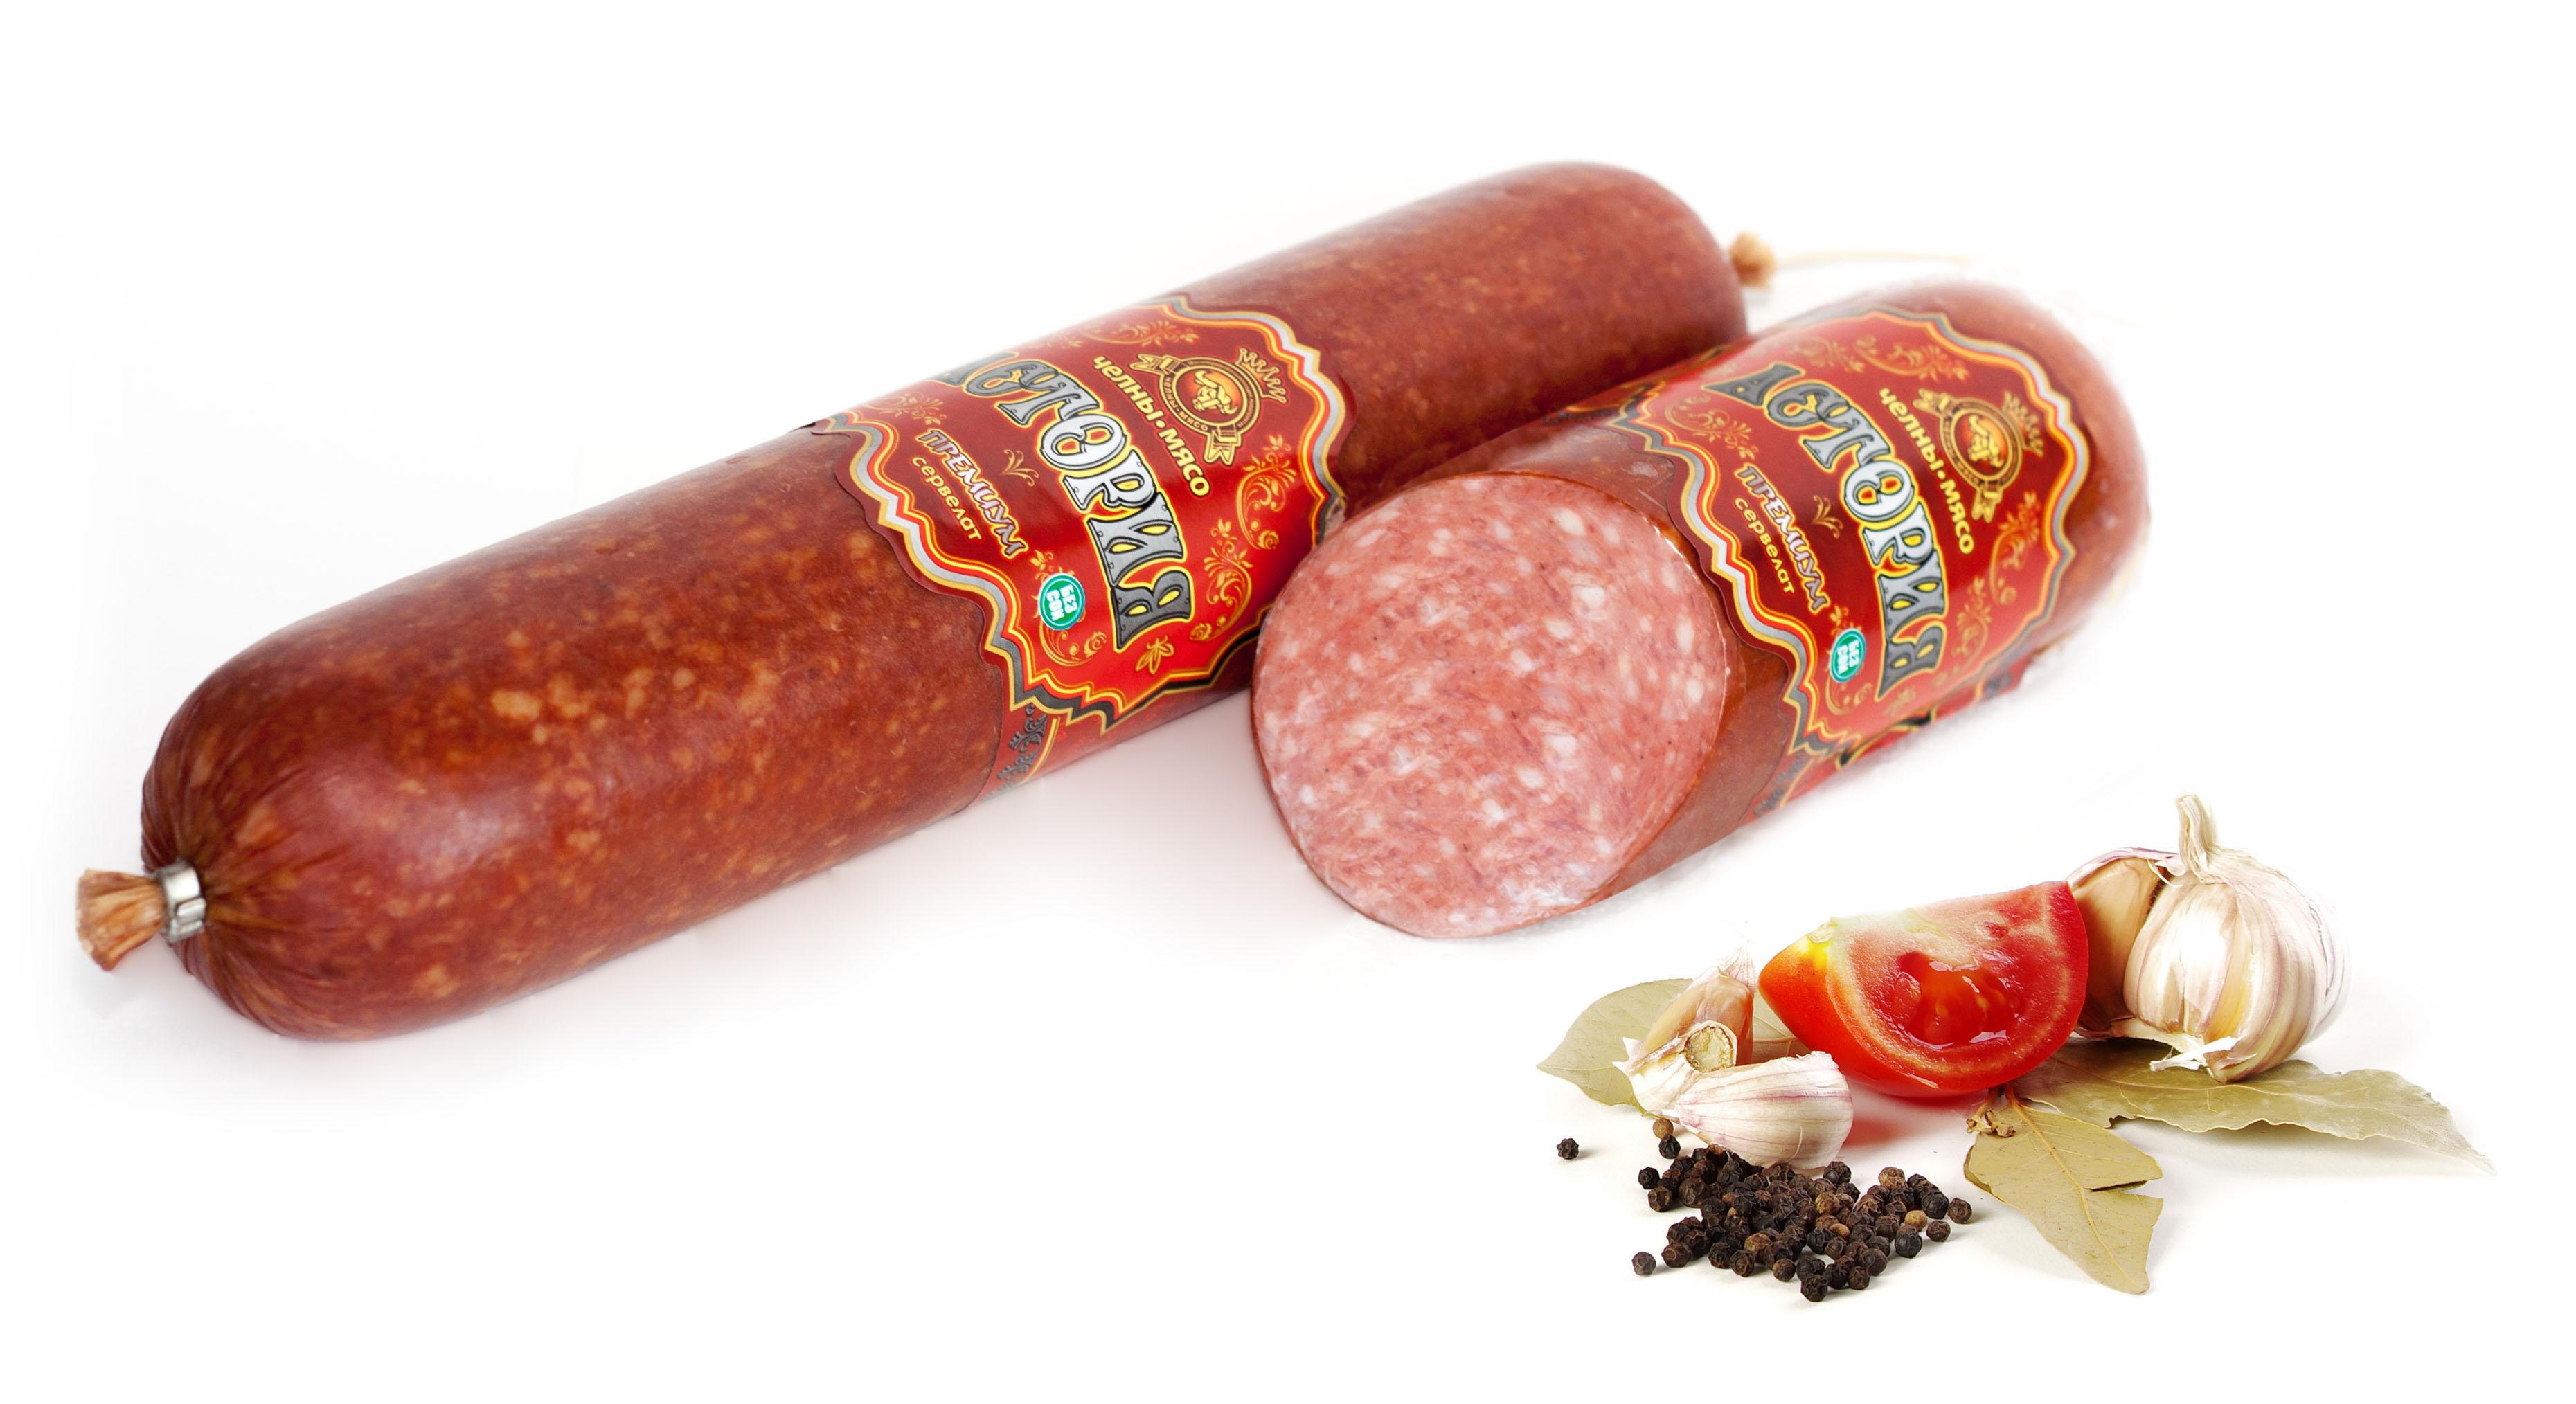 Колбасы, сосиски и другое обработанное мясо